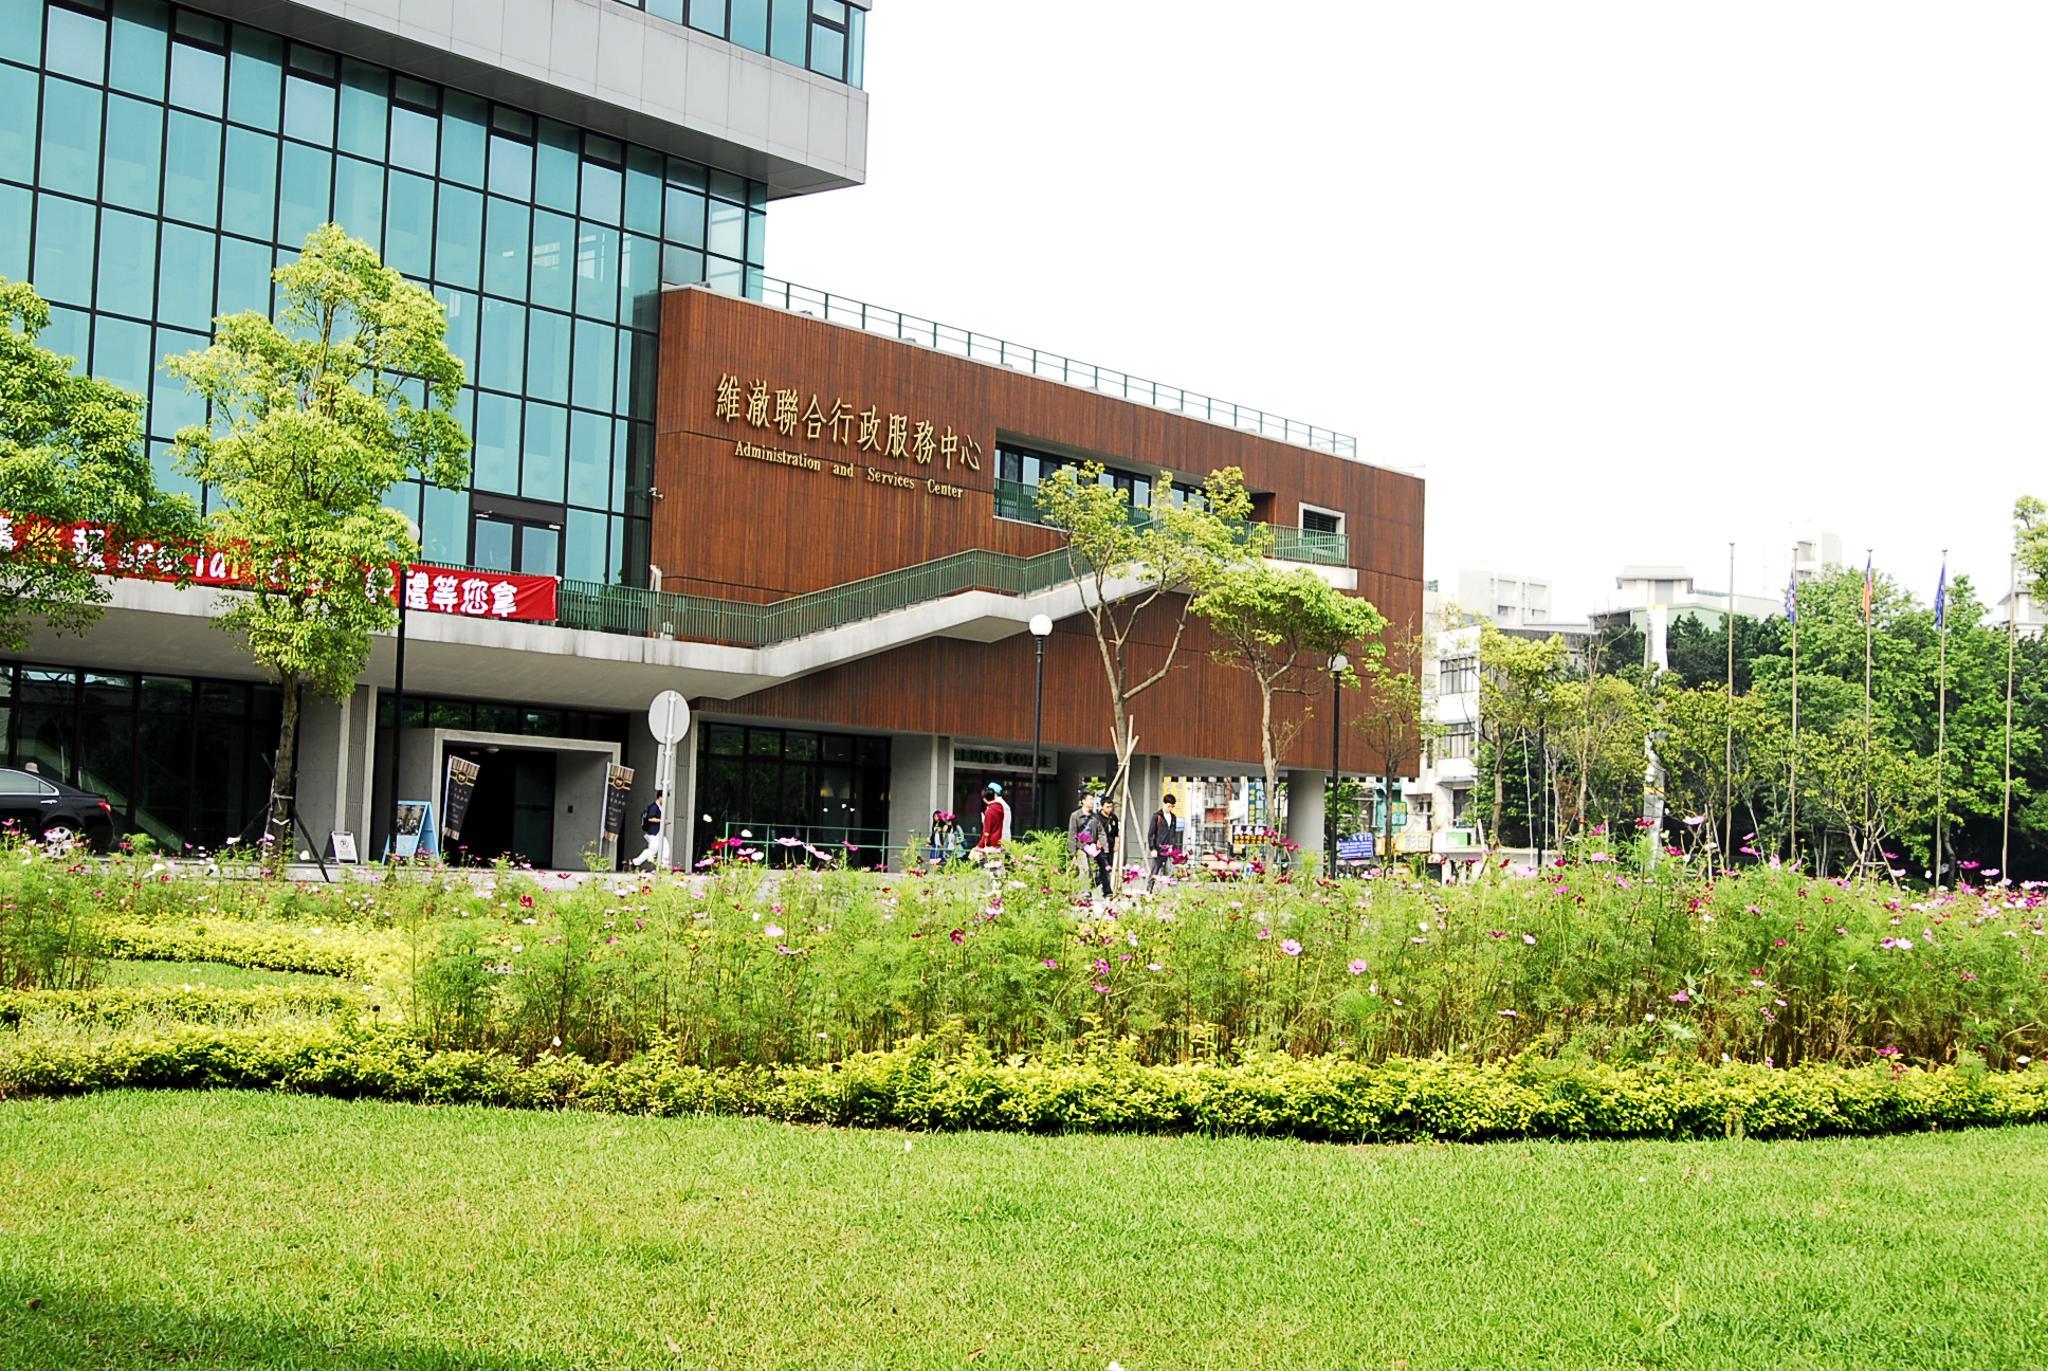 中原大學二度榮登泰晤士報亞洲百大名校 全台第13名